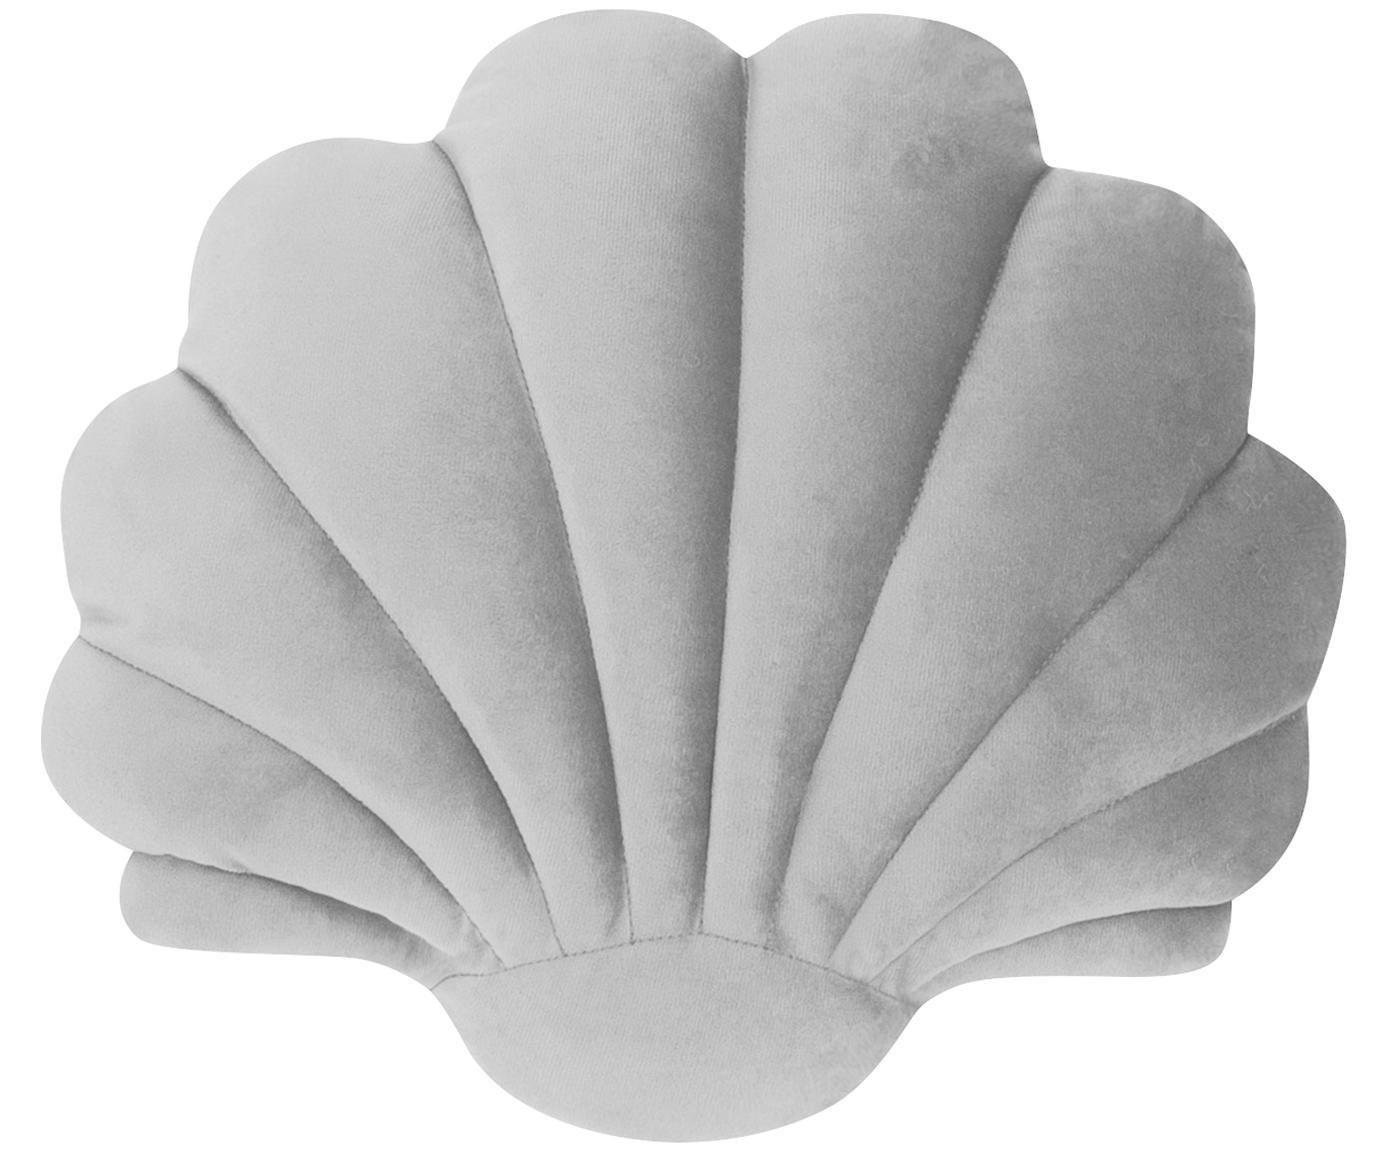 Cuscino Shell, Retro: 100% poliestere, Grigio chiaro, Larg. 28 x Lung. 30 cm